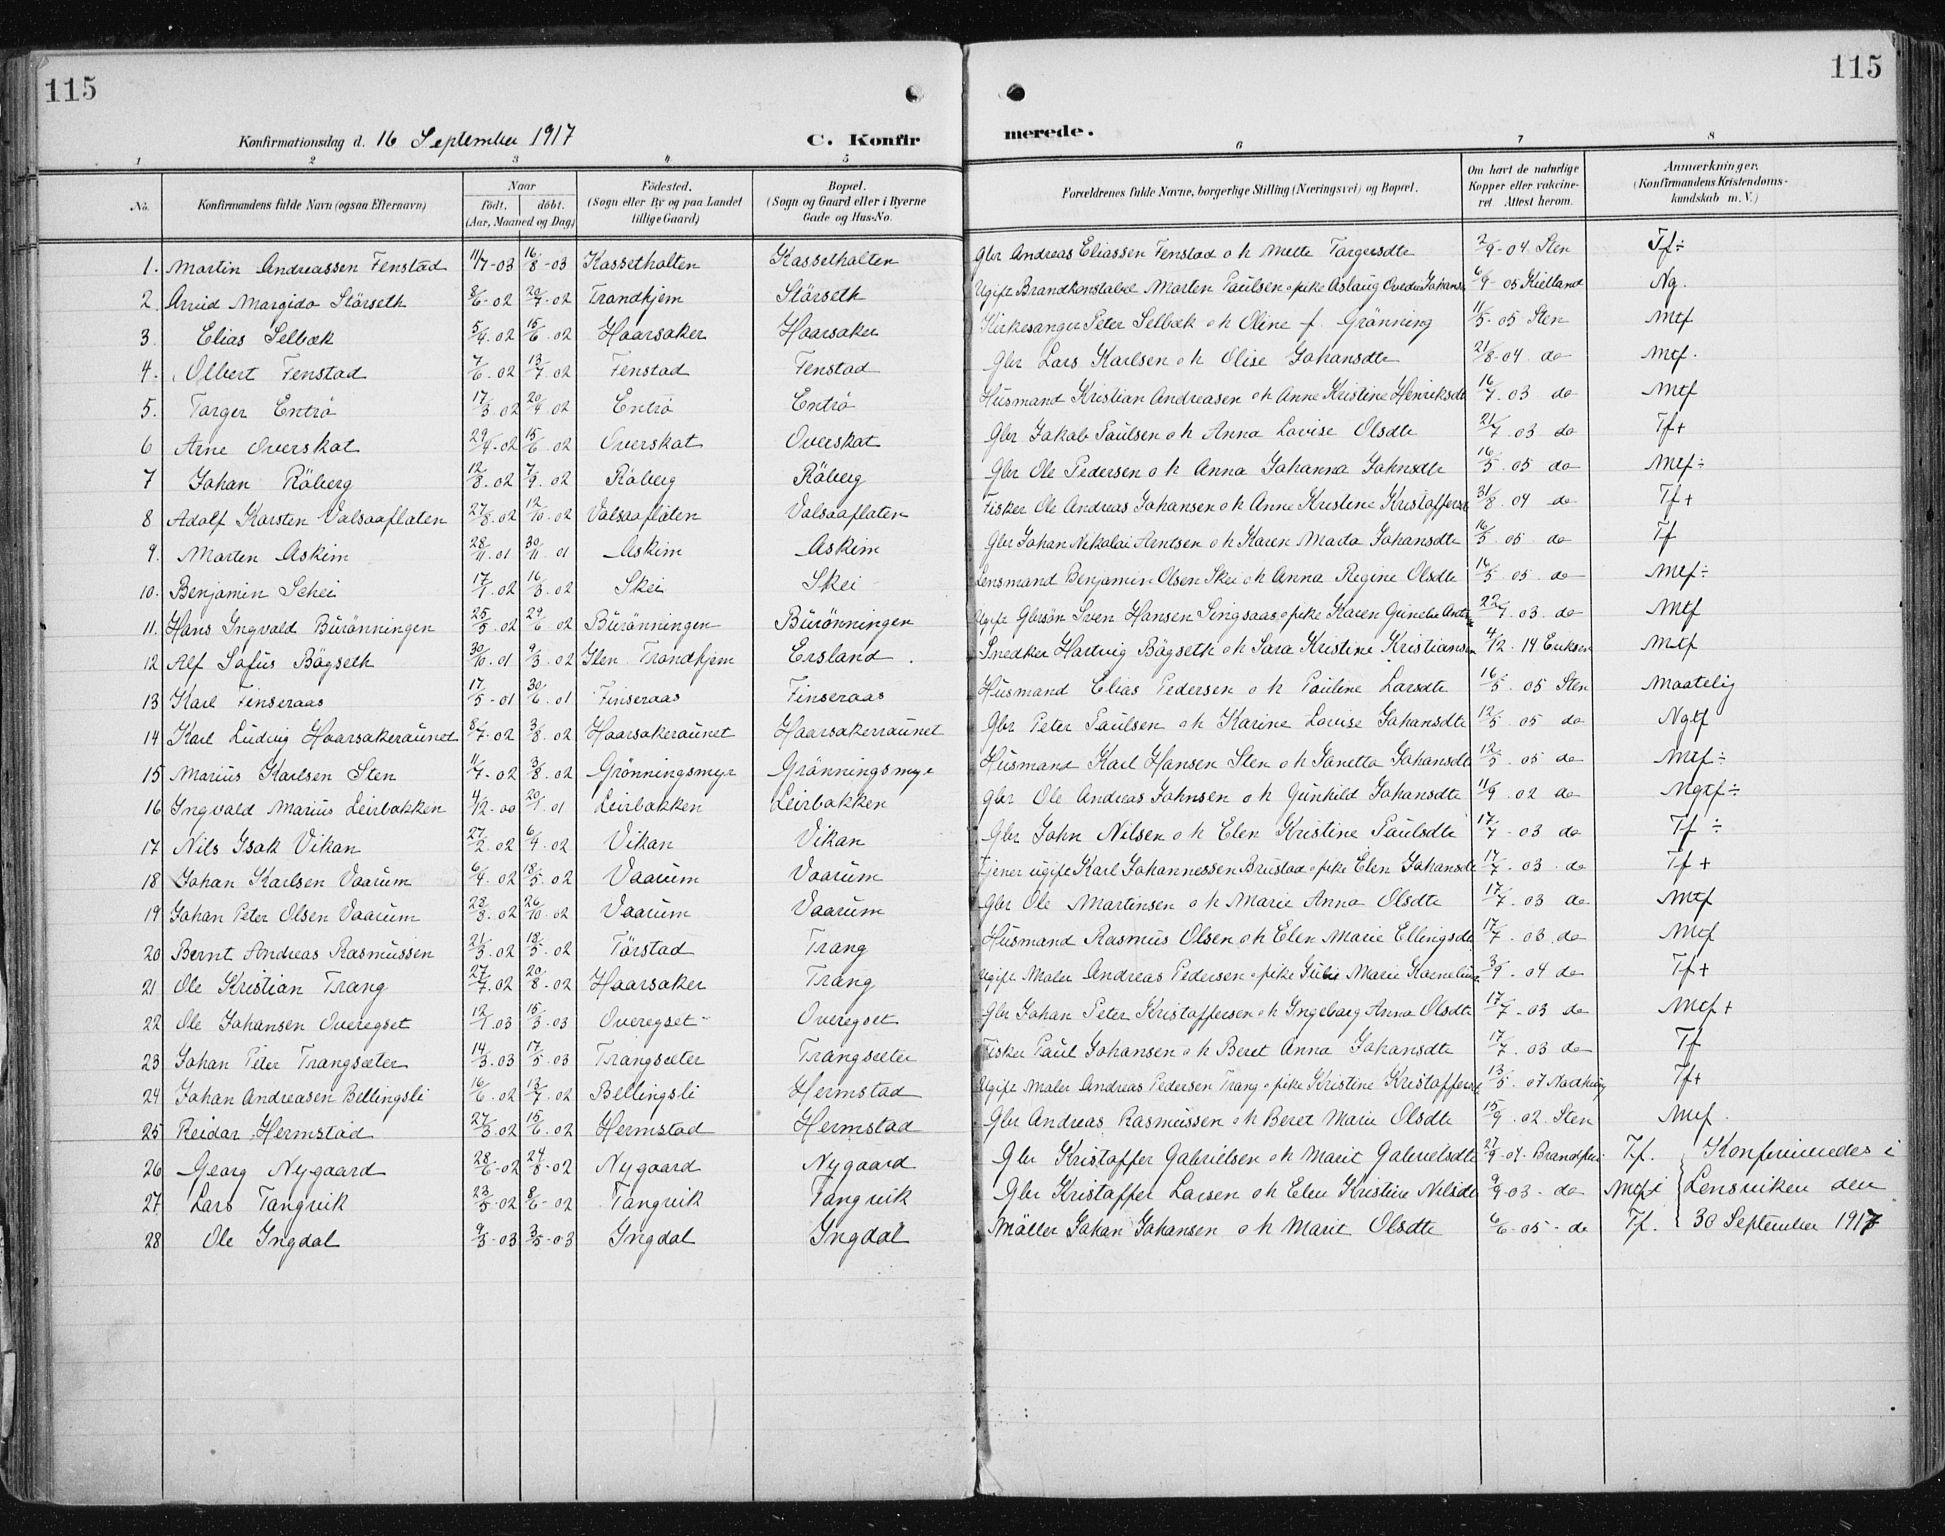 SAT, Ministerialprotokoller, klokkerbøker og fødselsregistre - Sør-Trøndelag, 646/L0616: Ministerialbok nr. 646A14, 1900-1918, s. 115